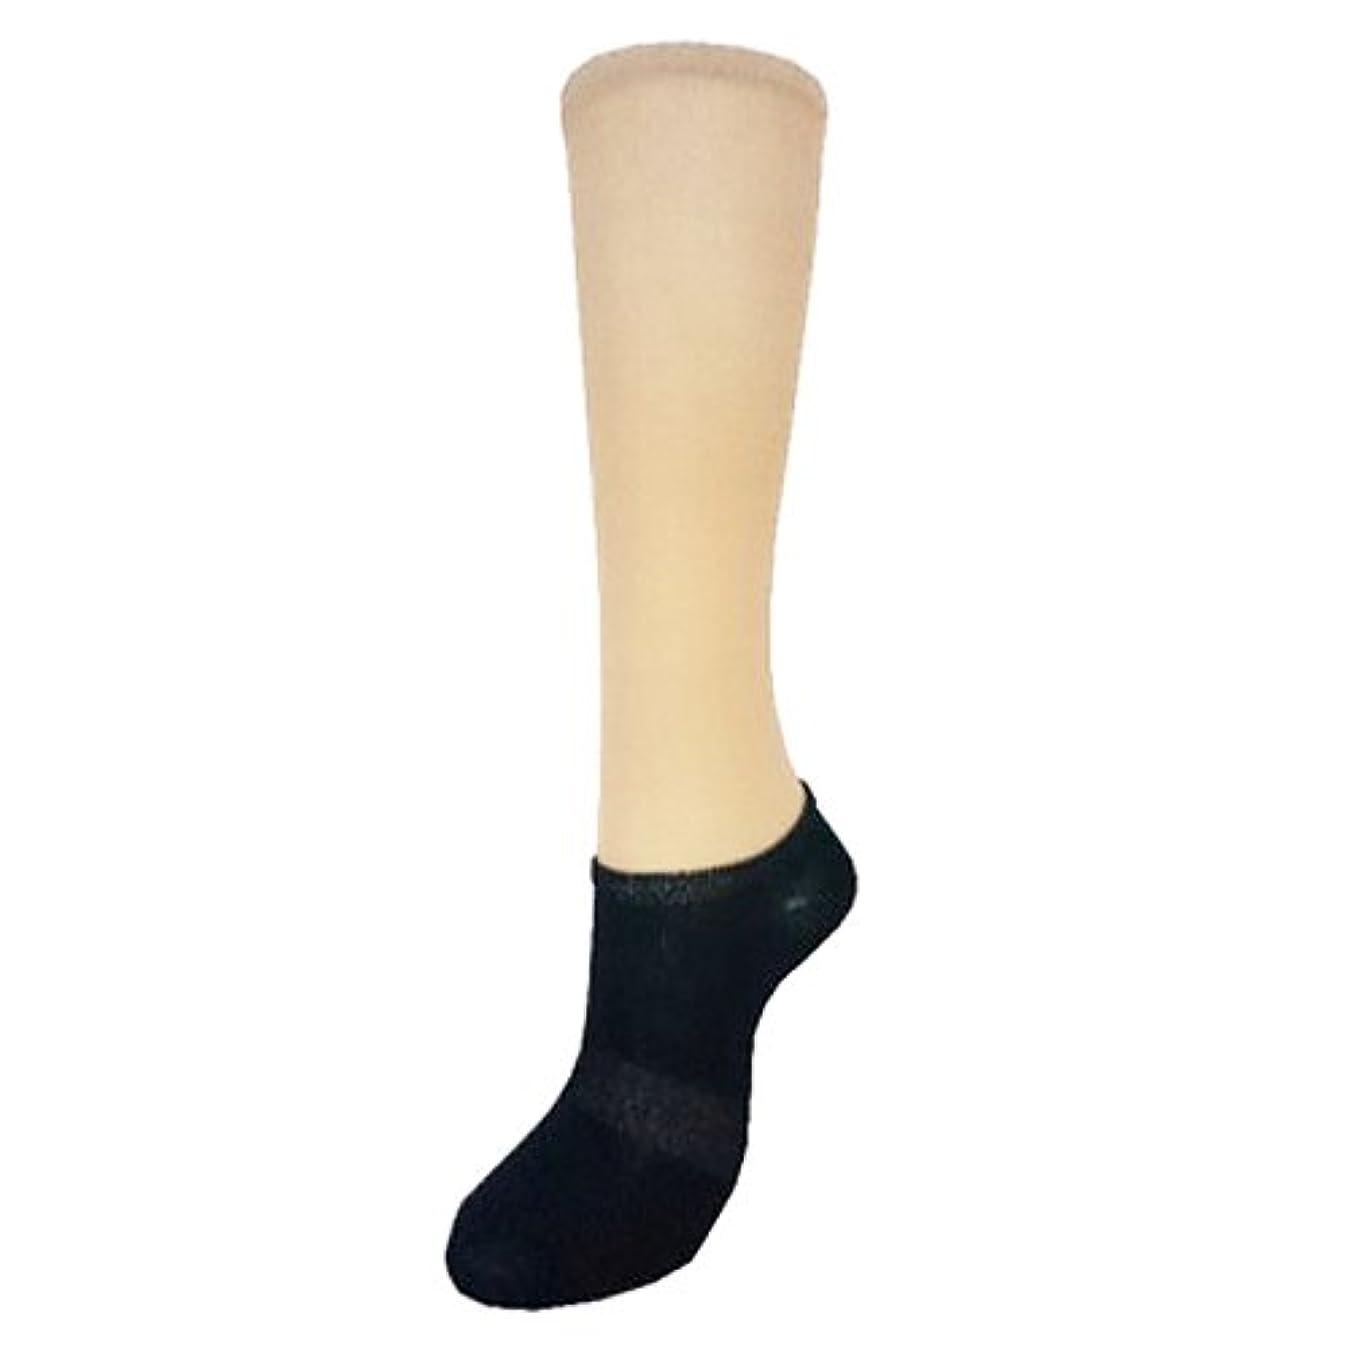 主張するバルコニー広範囲に砂山靴下 ストッキングソックス スニーカーソックスタイプ ブラック